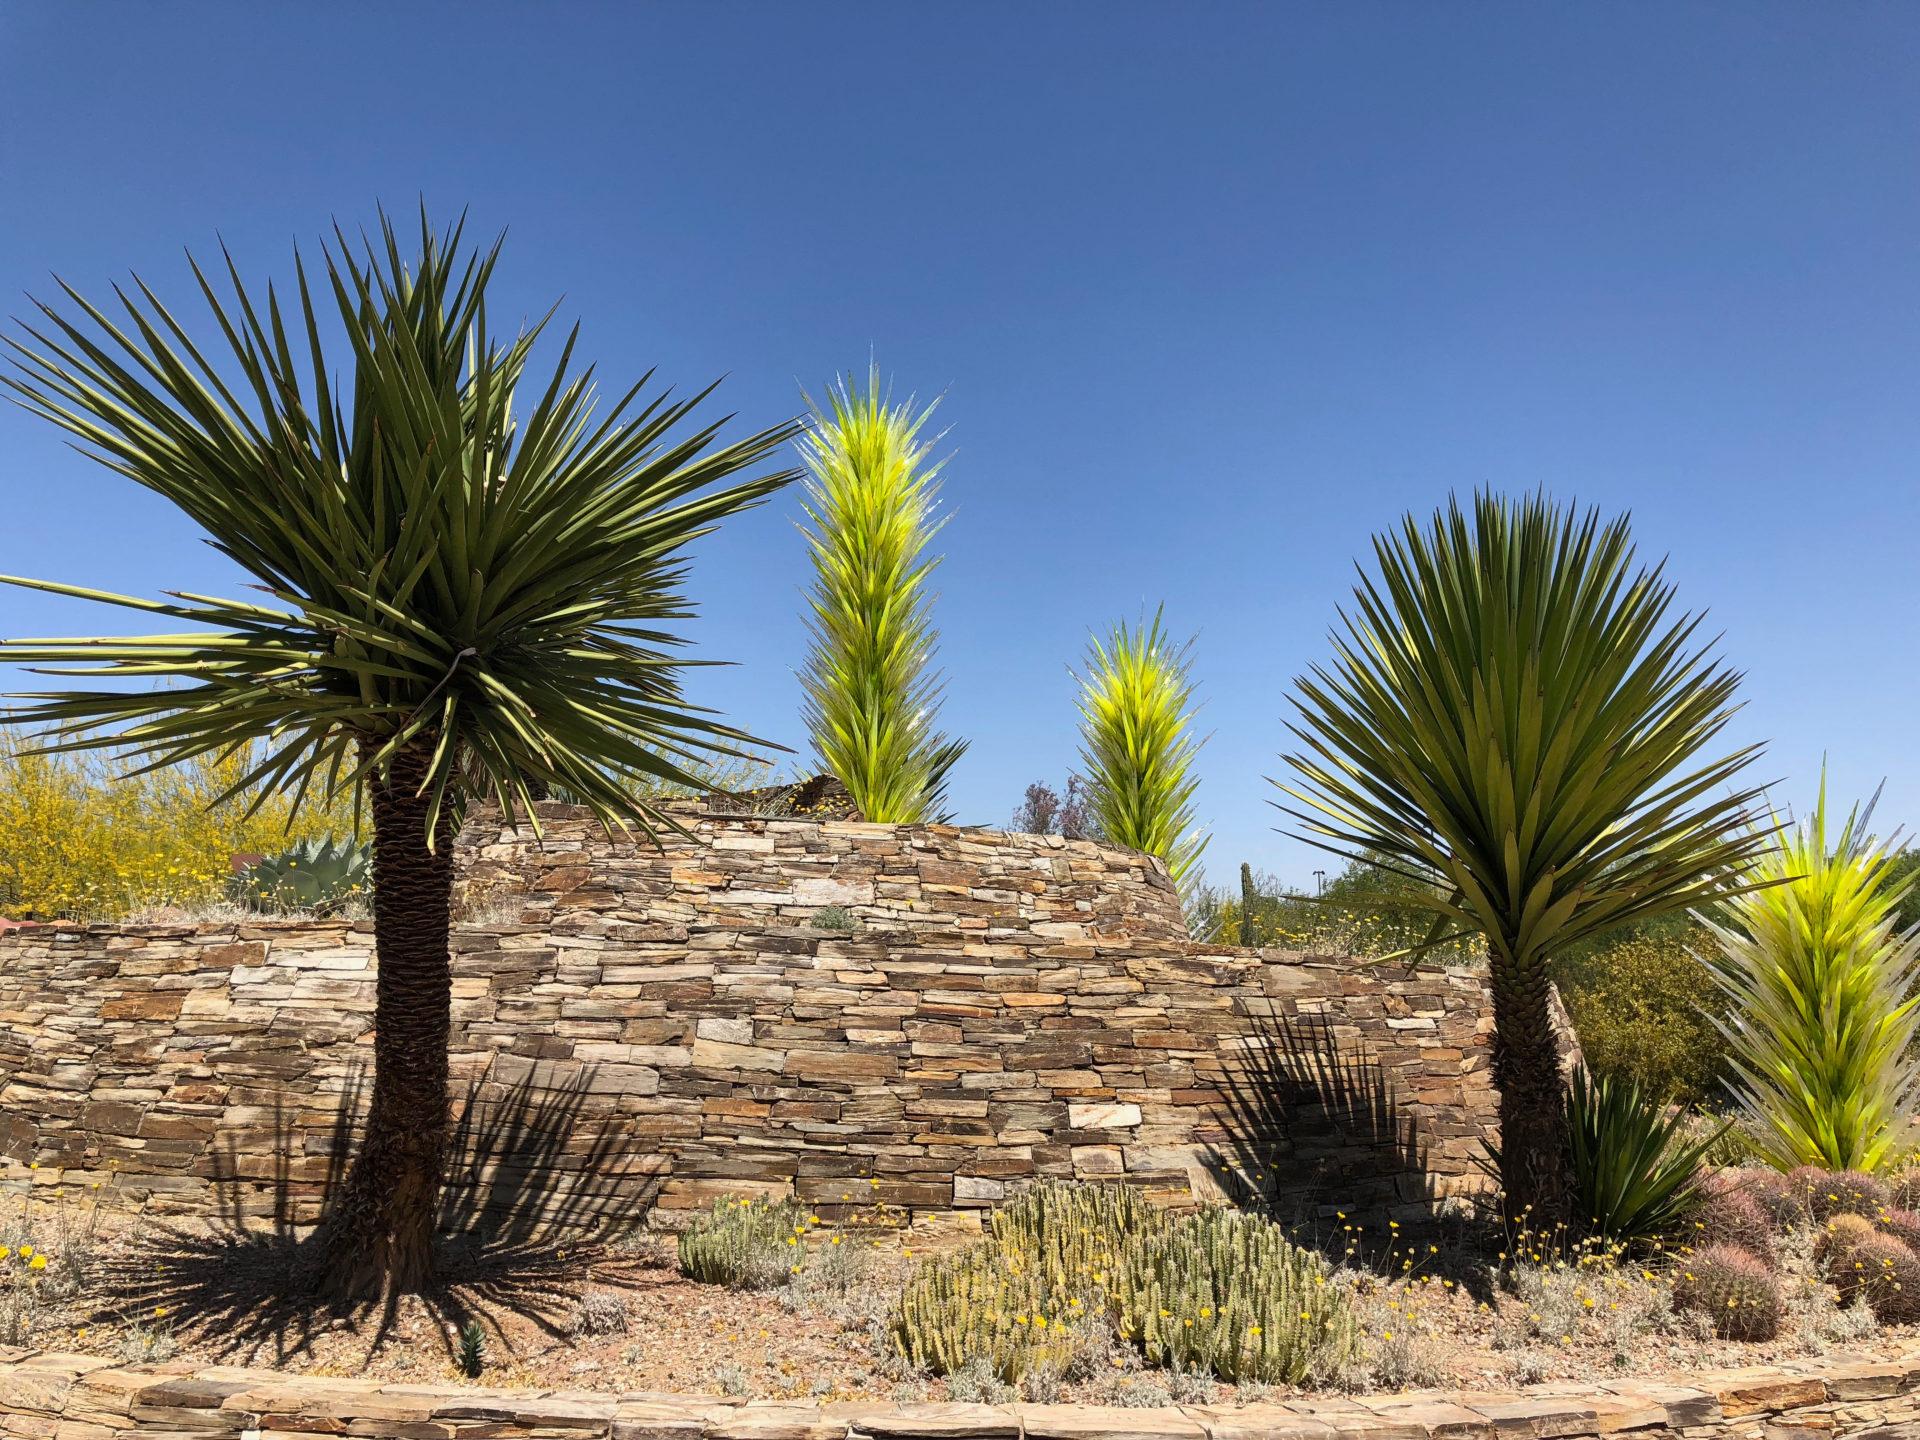 Stechpalmen mit Palmen aus Glas von Dale Chihuly im kürzlich besuchten Botanischen Garten von Scottsdale in Arizona